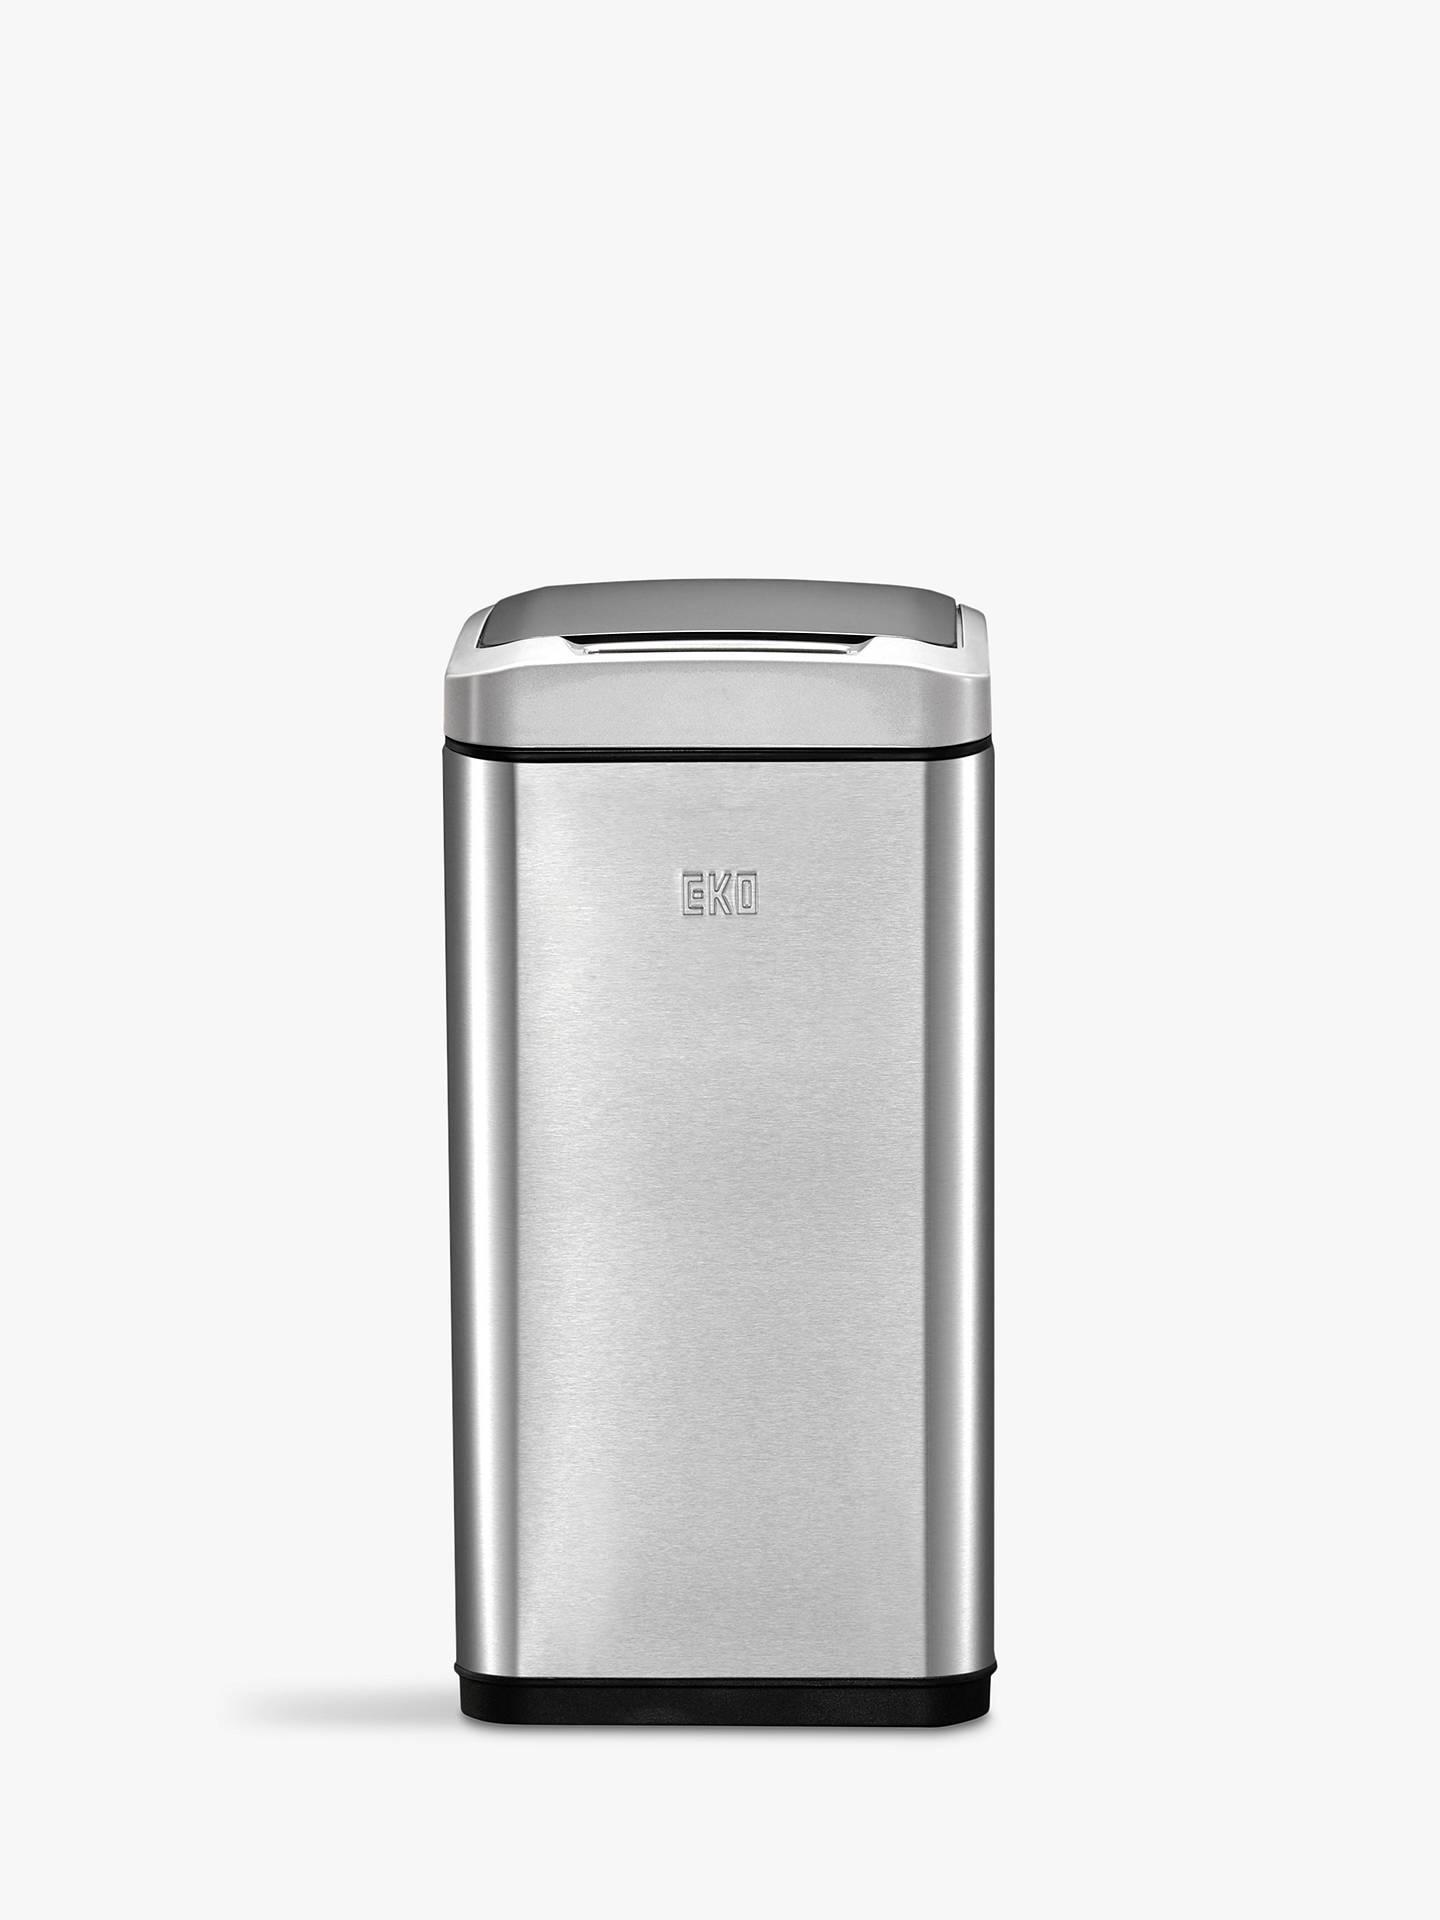 EKO Allure Stainless Steel Sensor Bin, 8L